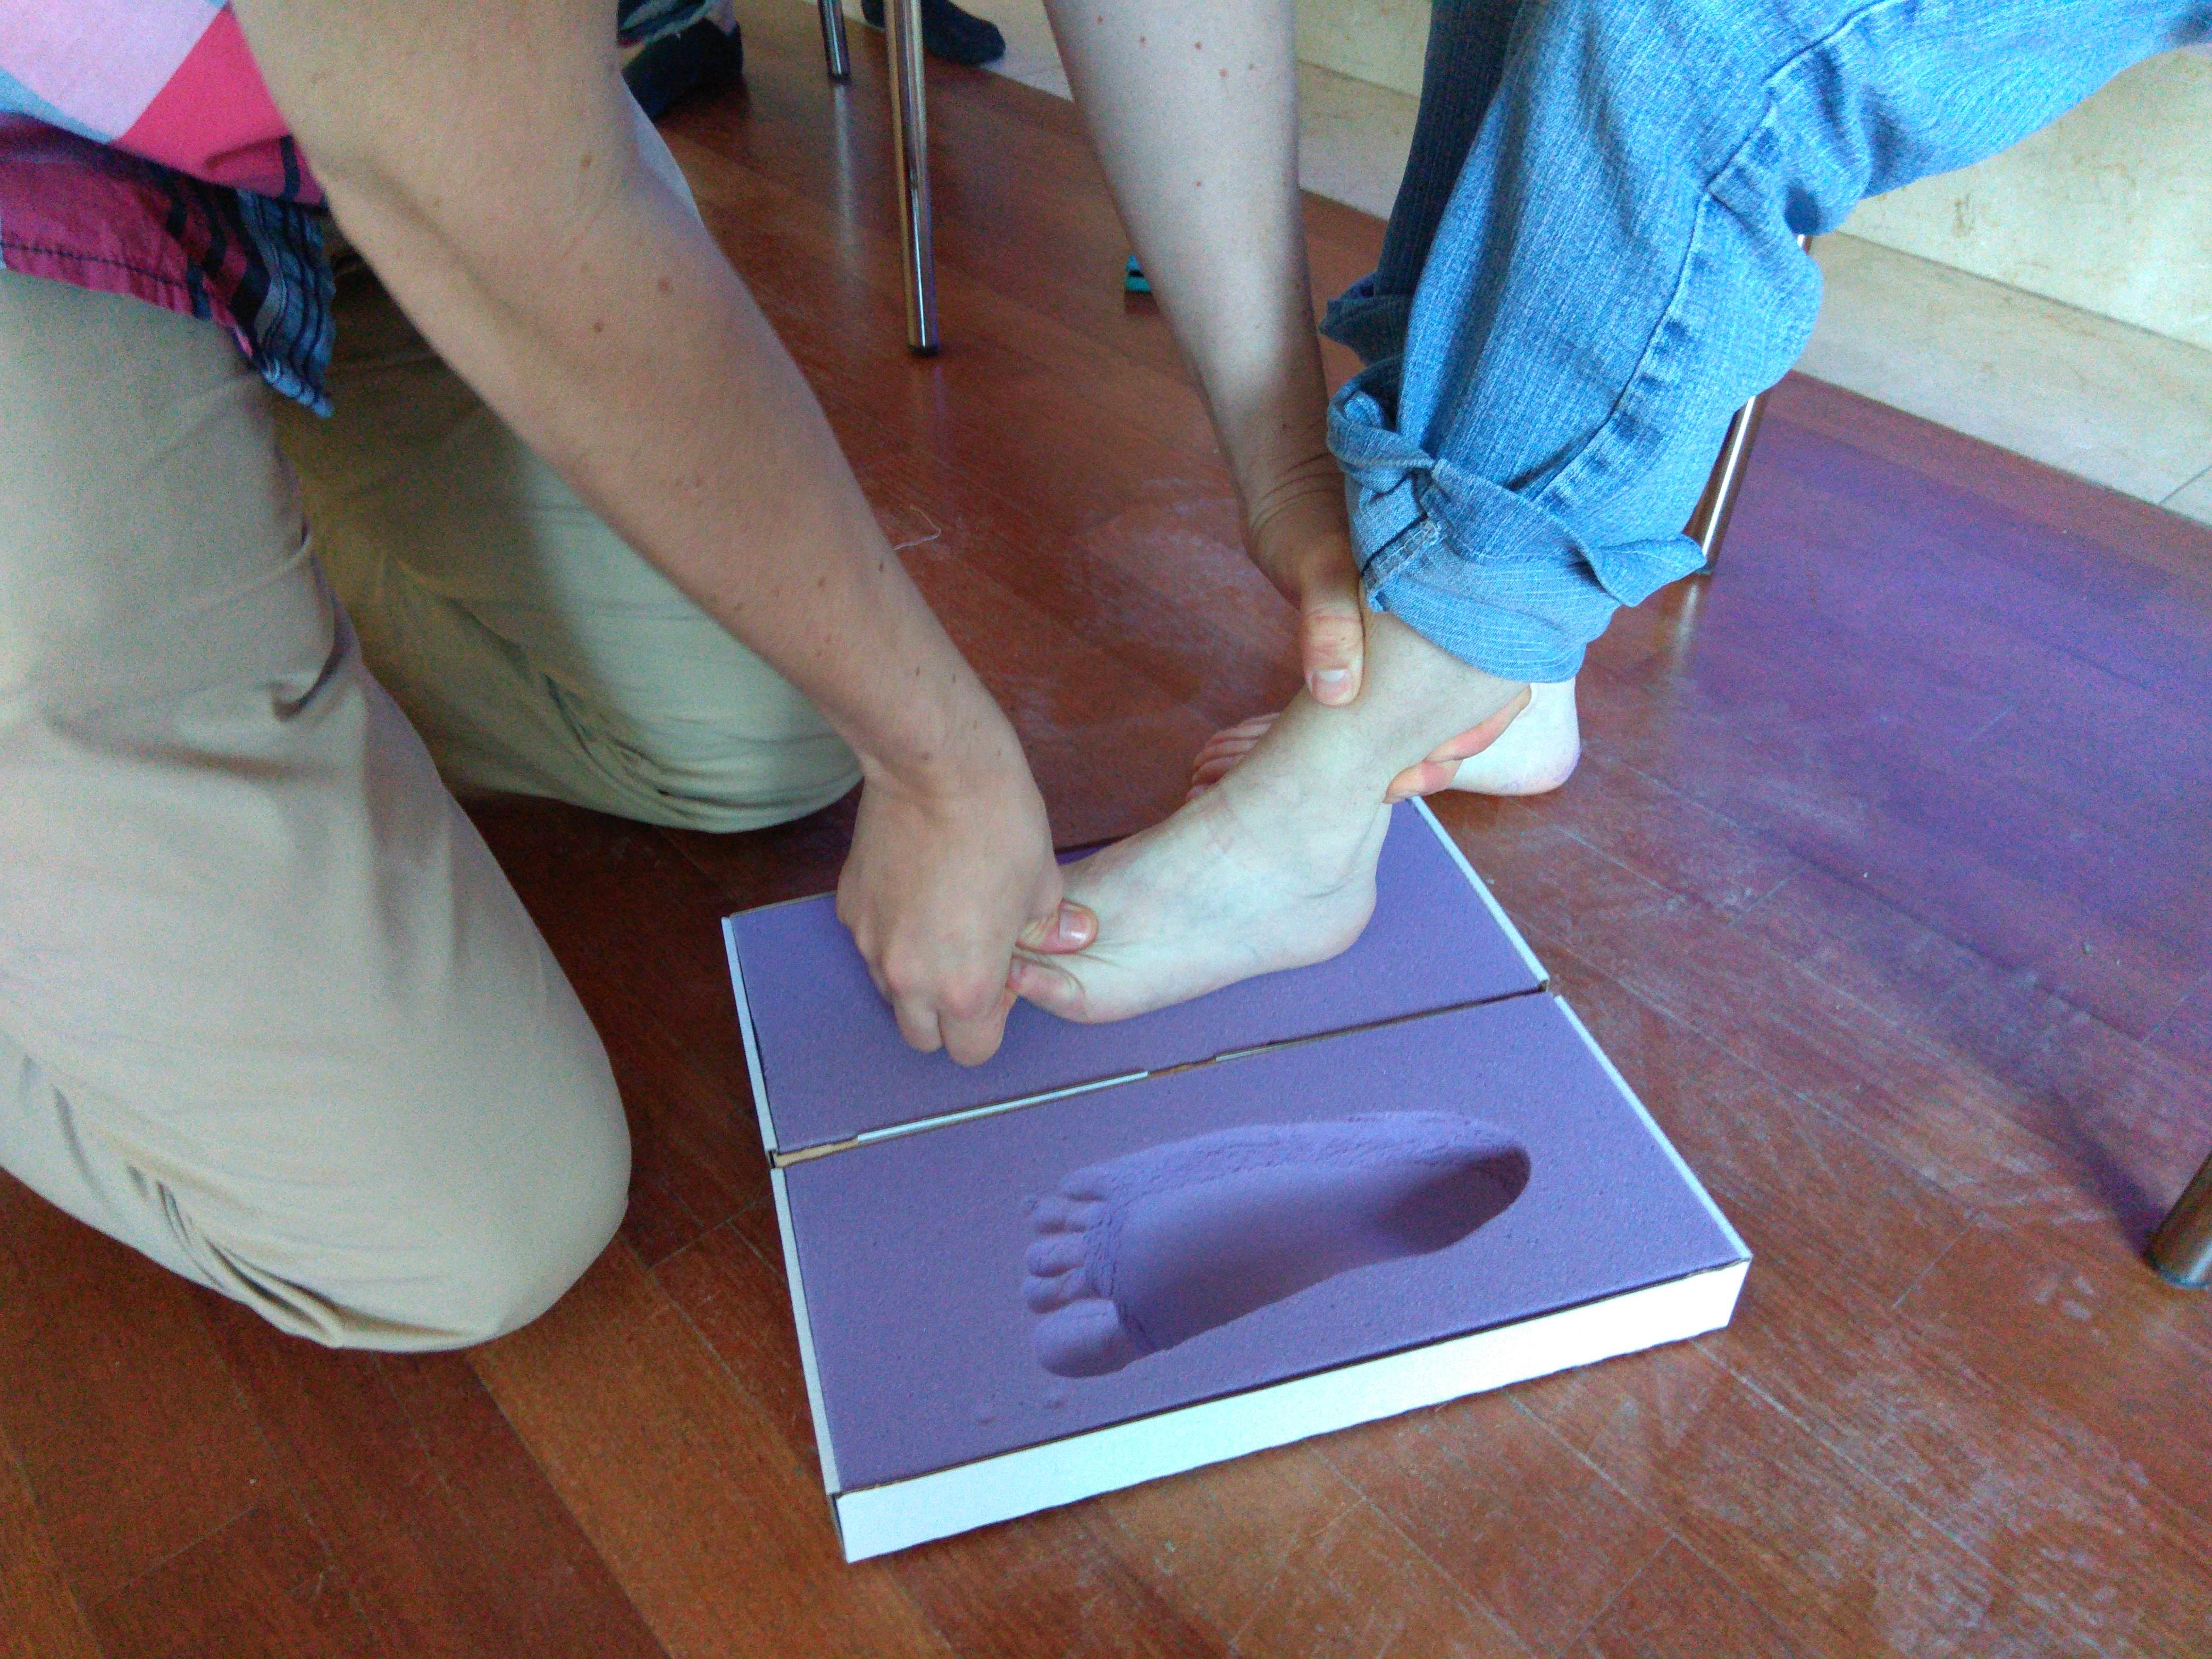 W zbliżeniu goła stopa jednego z uczestników podczas badania. Noga oparta na kwadratowym, fioletowym elemencie, obok widoczny odcisk stopy.